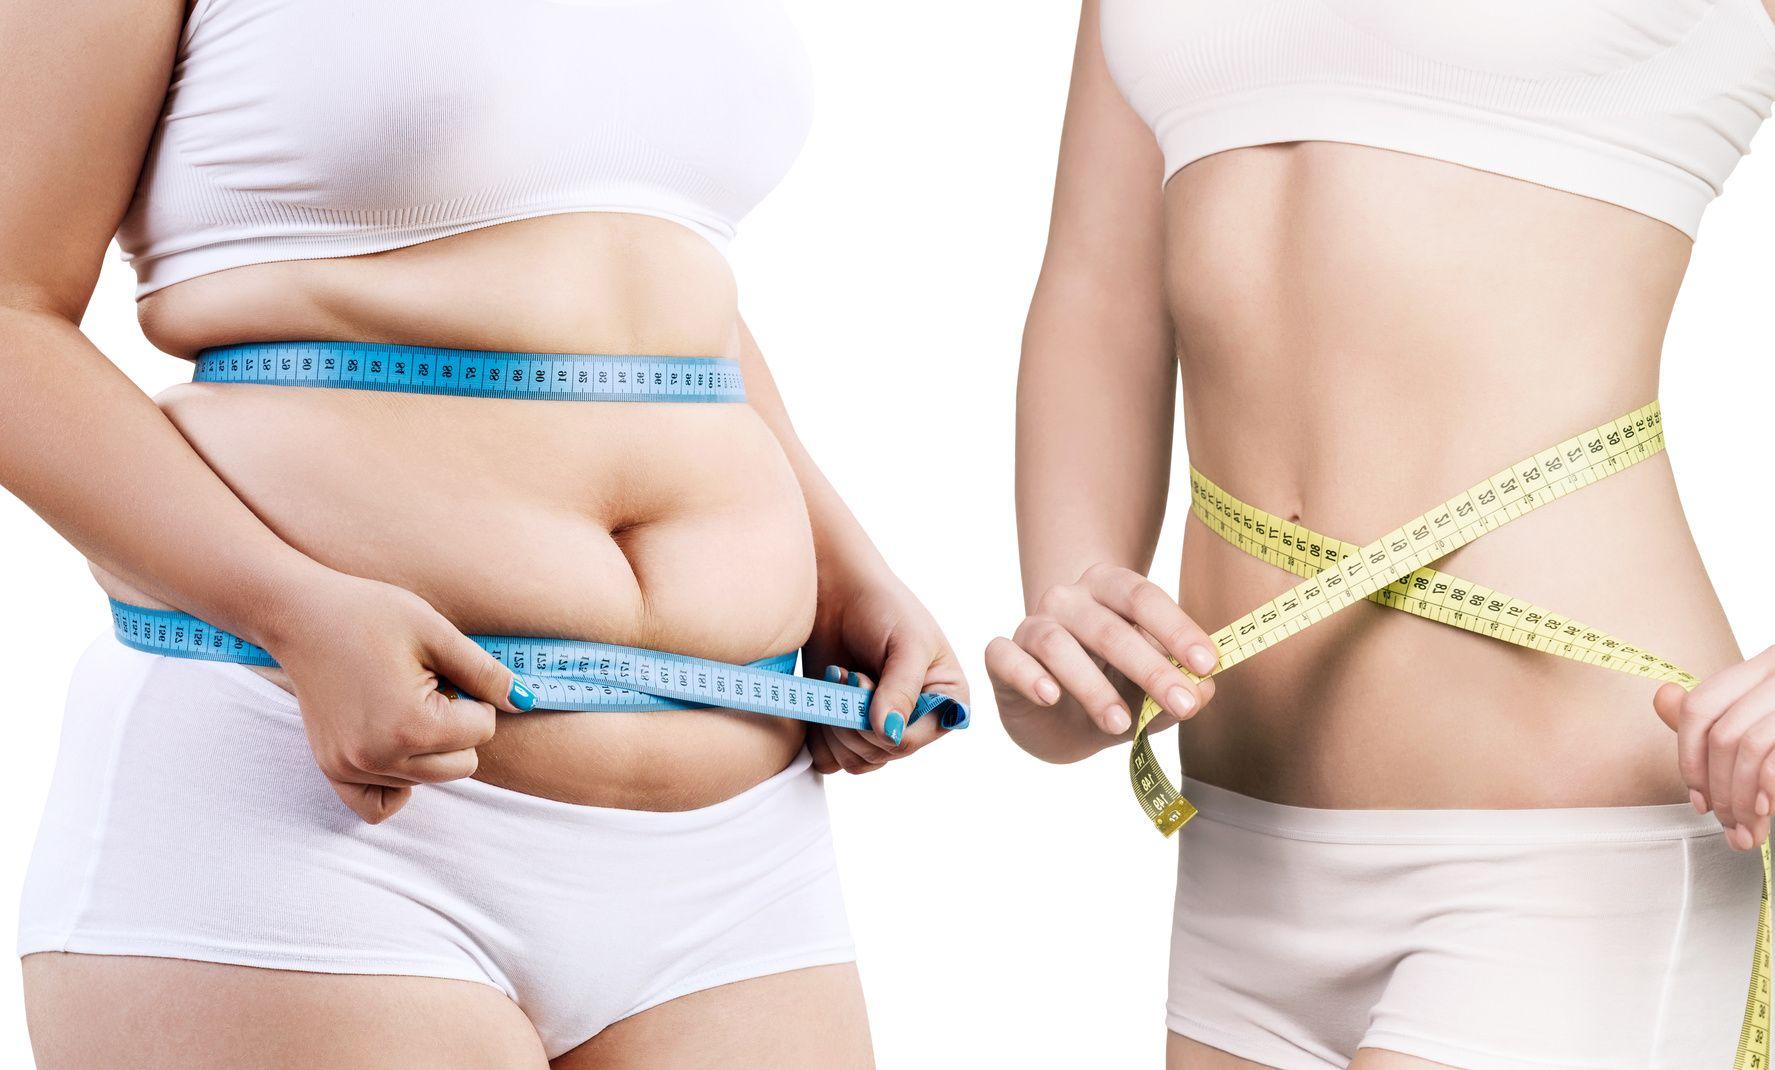 похудеть сбросить лишний вес